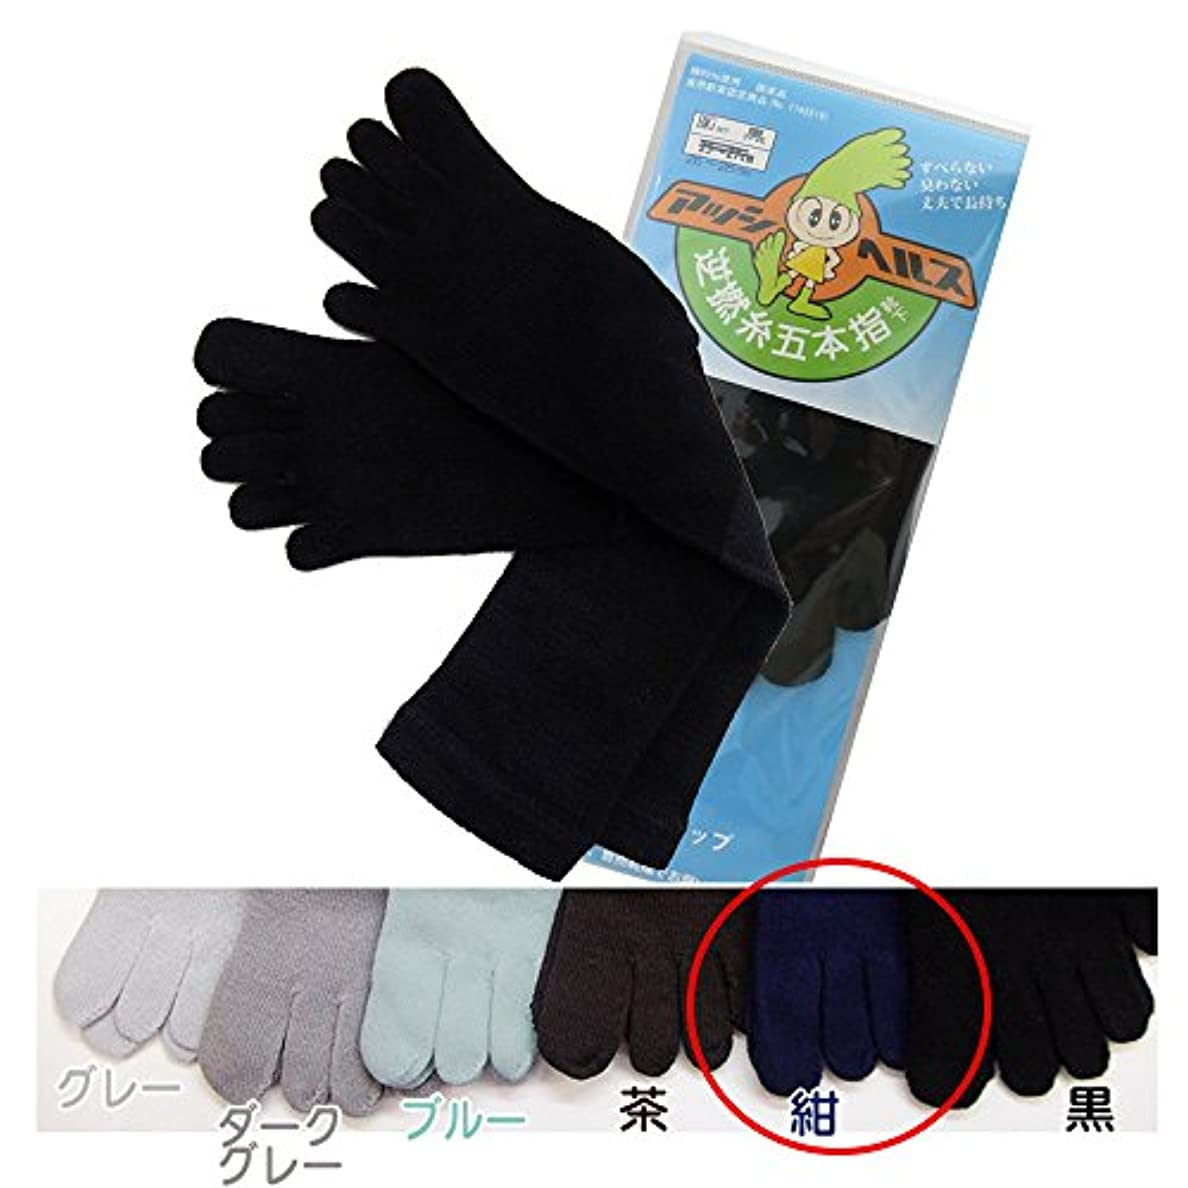 送料製品クローゼットアッシヘルス 逆撚糸五本指靴下 かかと付き 男性用 AA26~28cm BIG (紺)